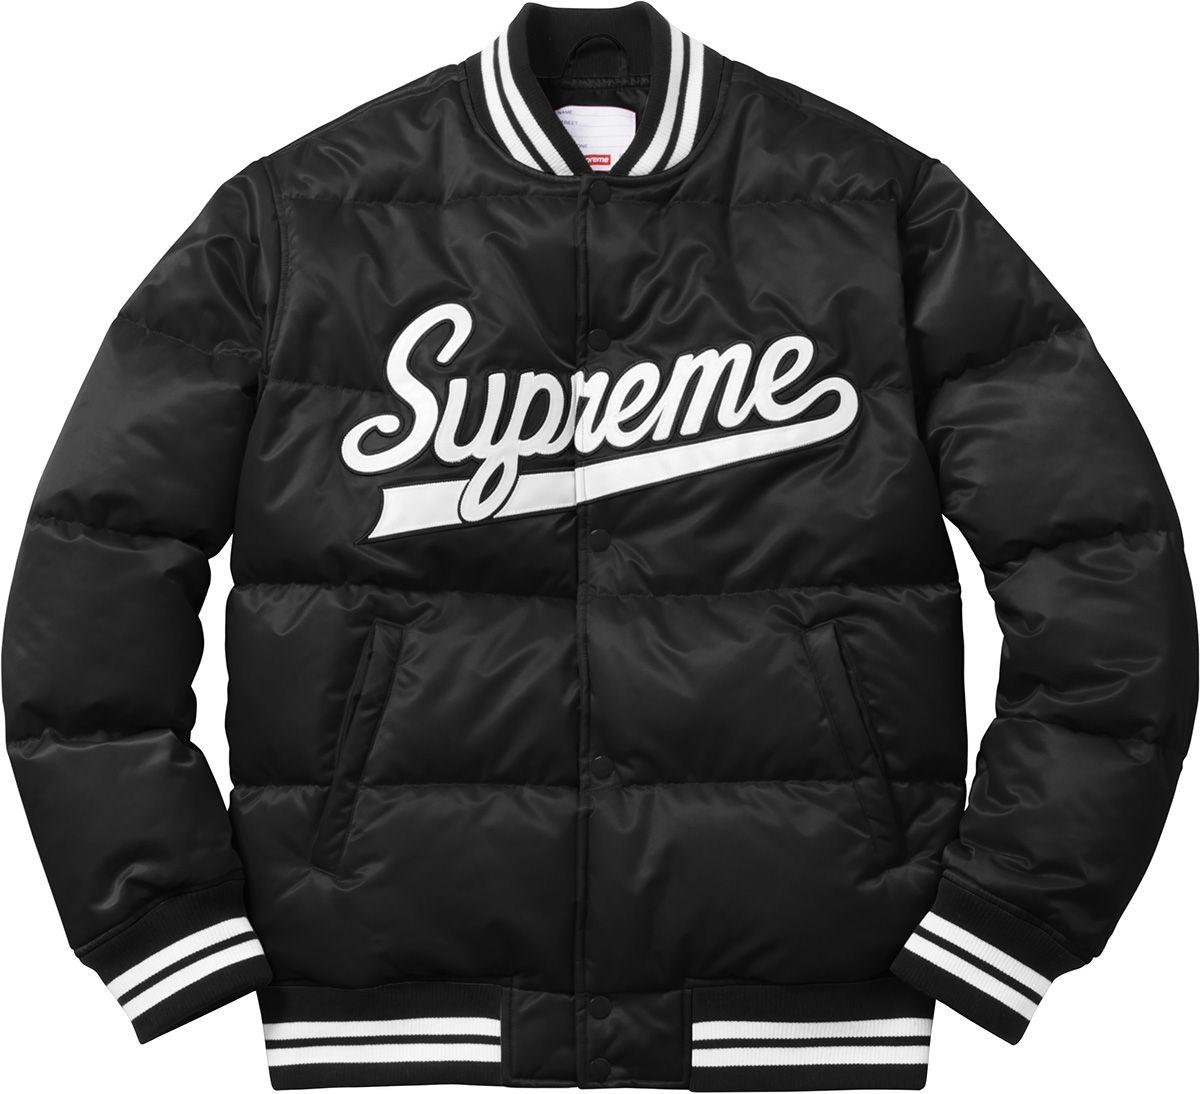 Supreme Old English Coaches Jacket Puffy jacket, Varsity